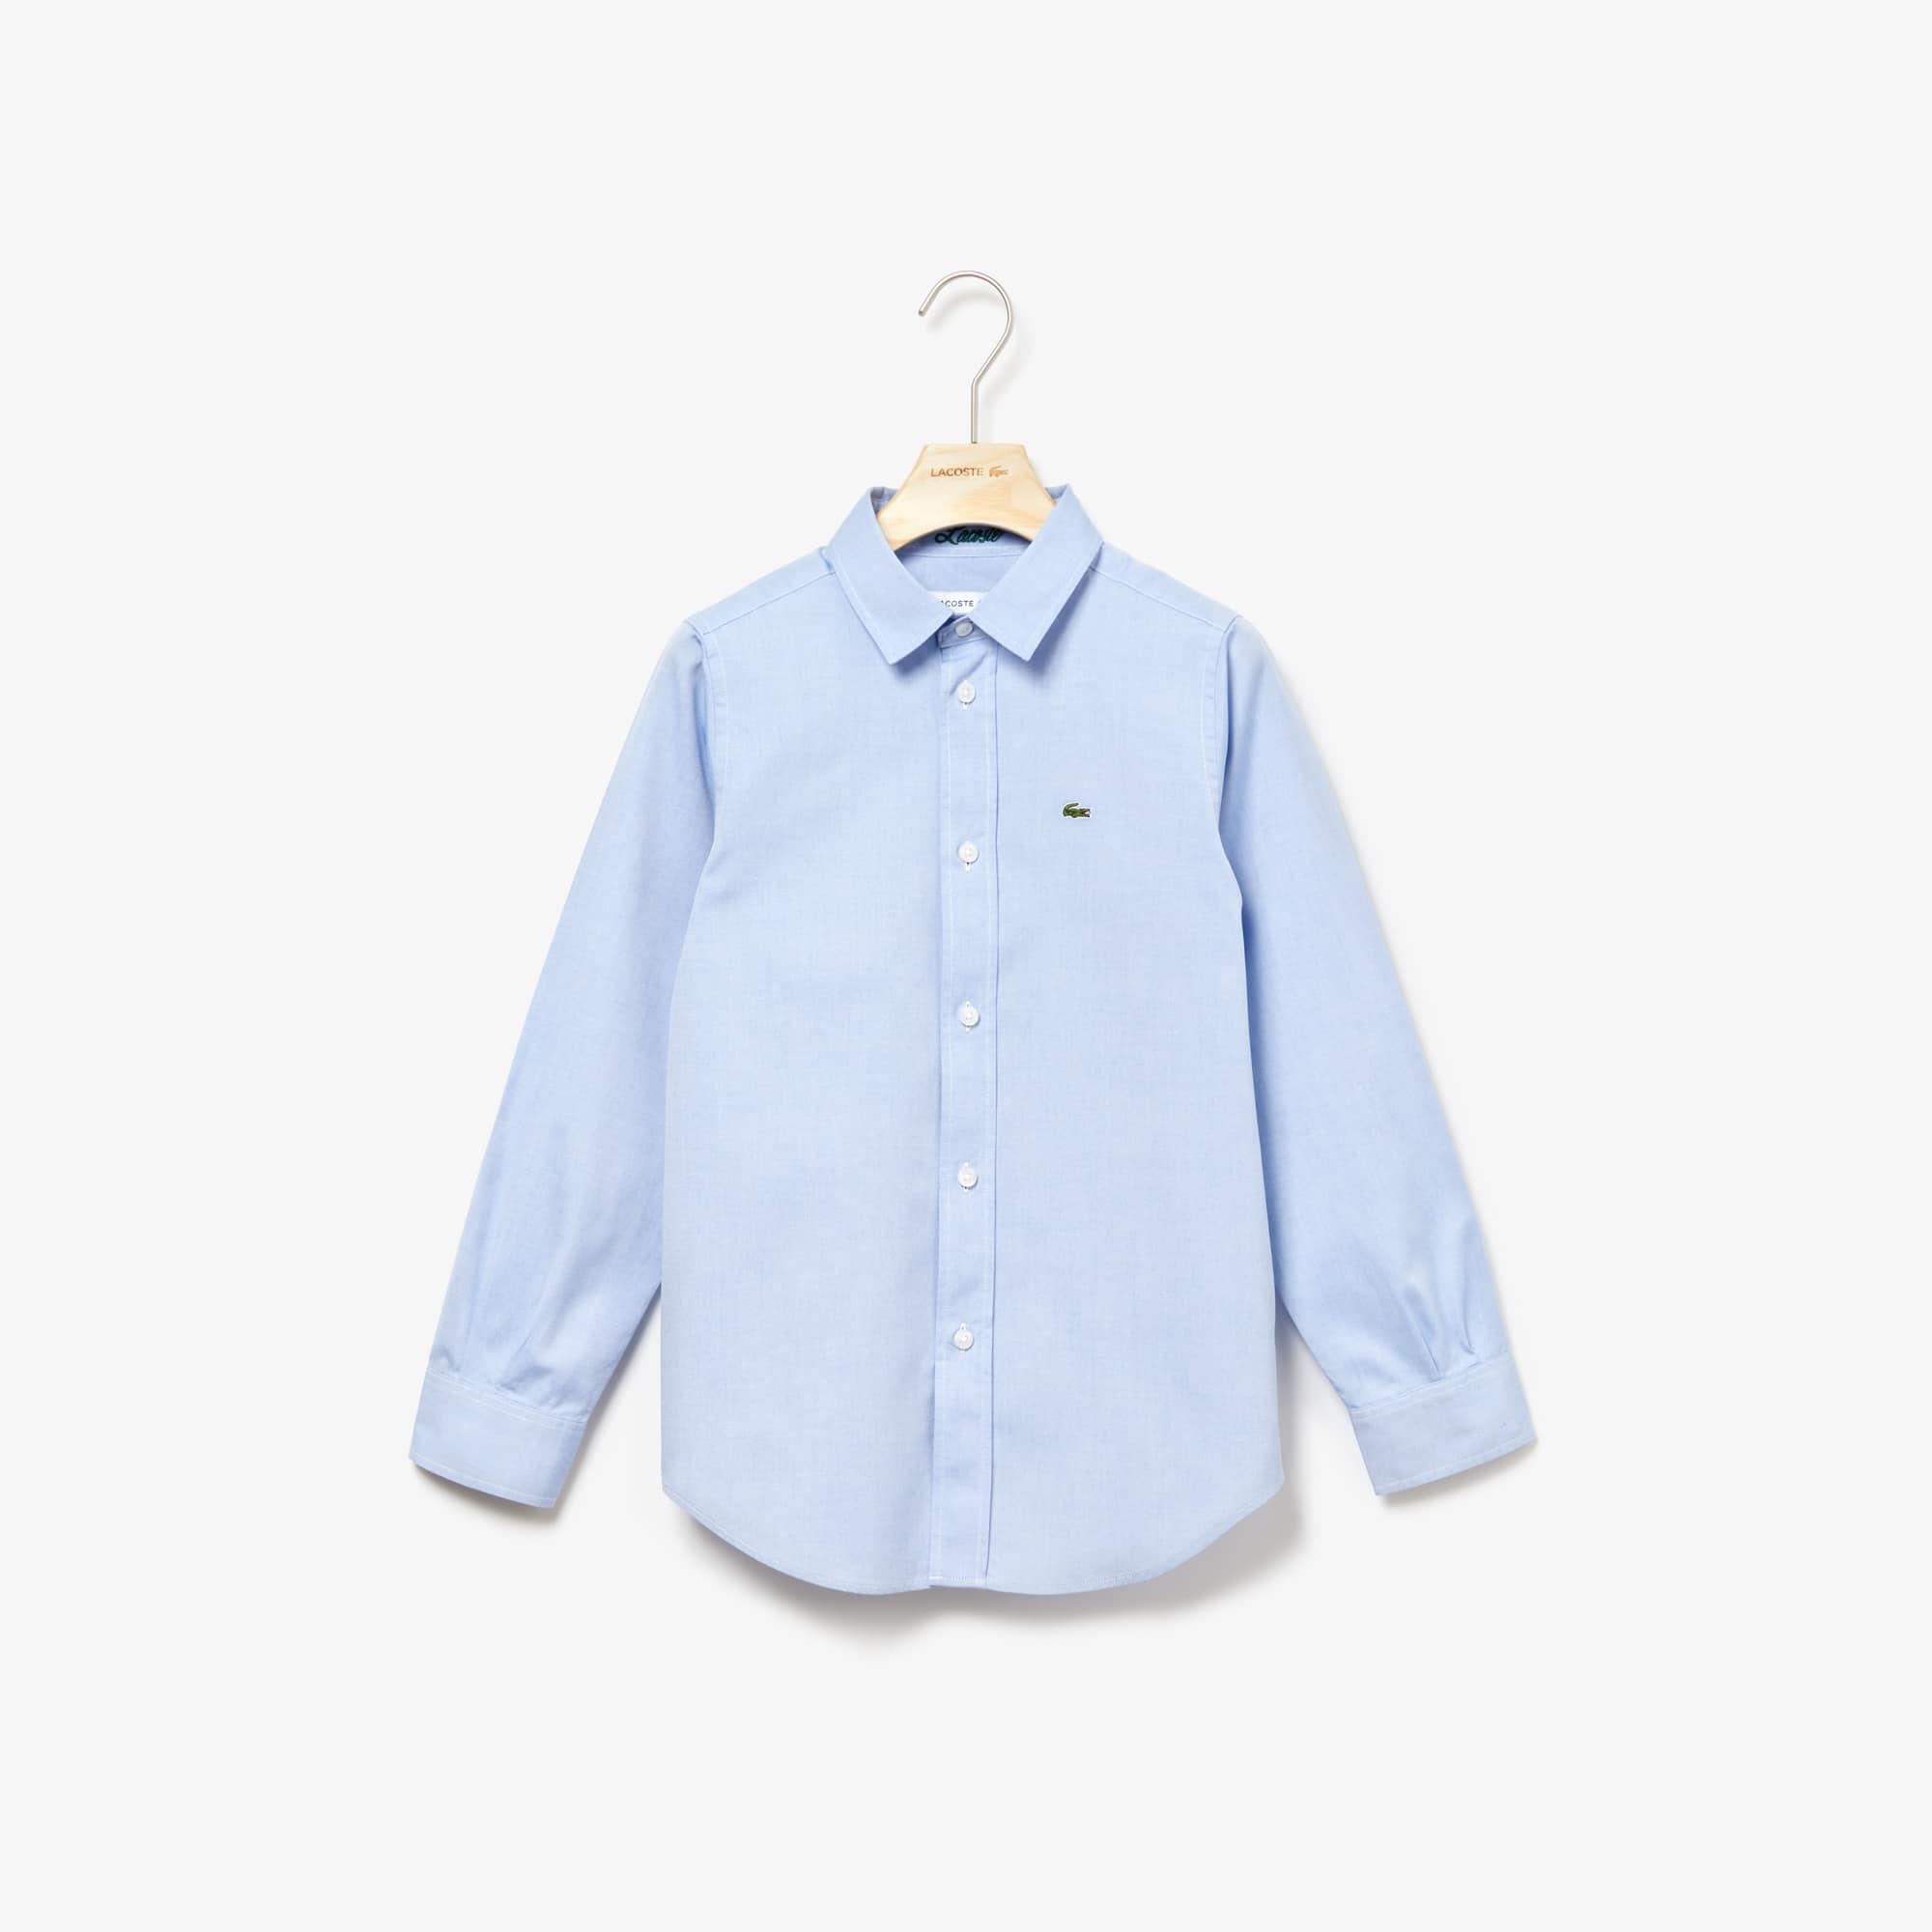 Chemises Enfant Lacoste T Shirtsamp; GarçonVêtements OwPn0k